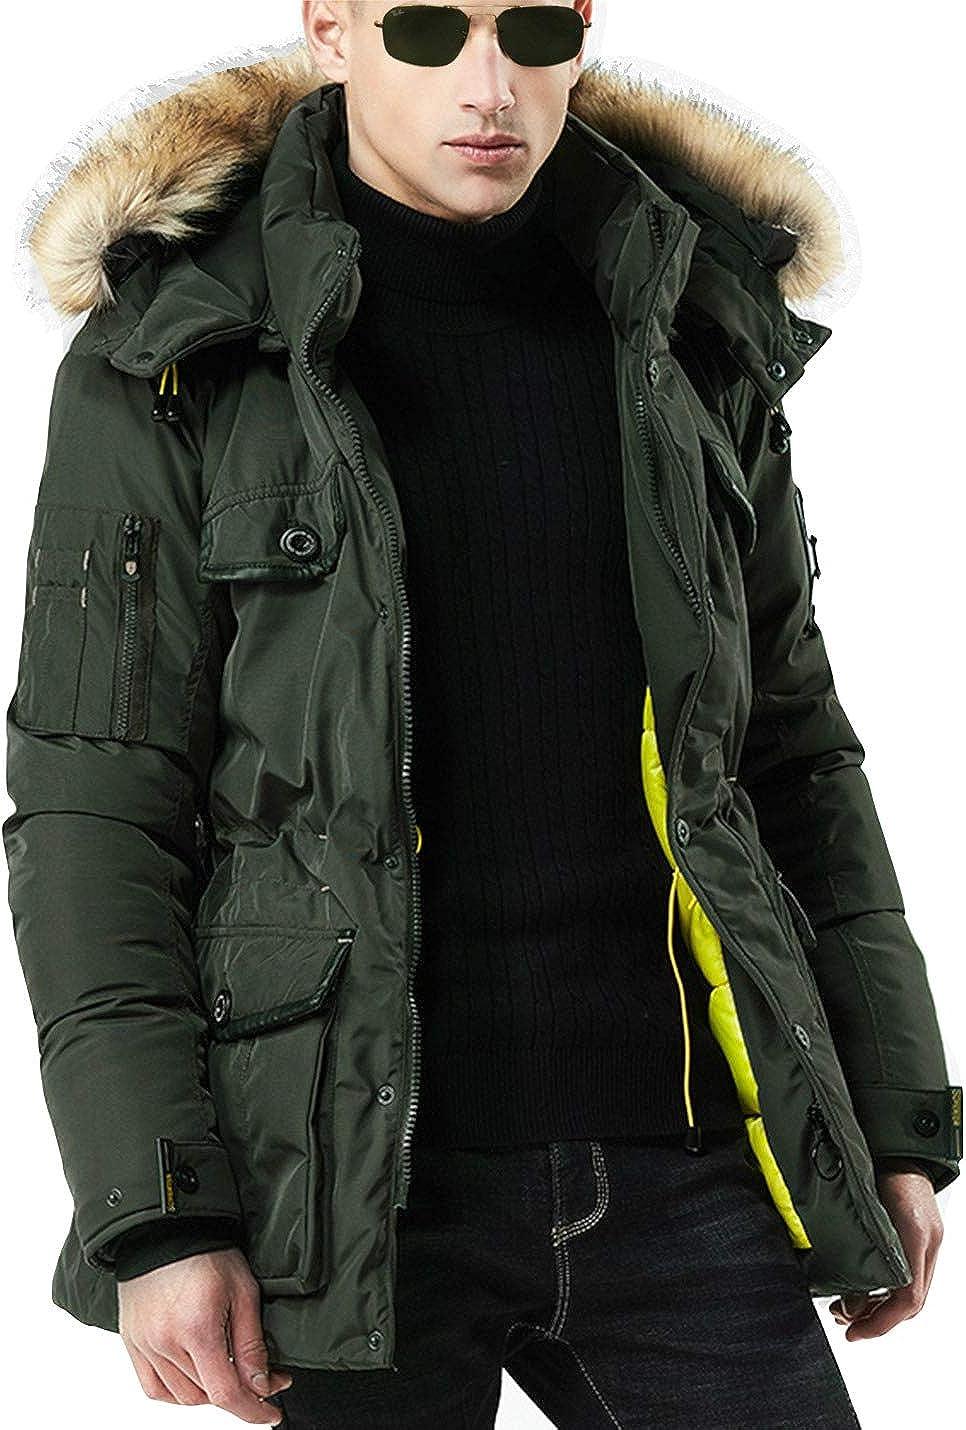 Omoone Men's Drawstring Faux Fur Hooded Long Slim Padded Jacket Windbreaker